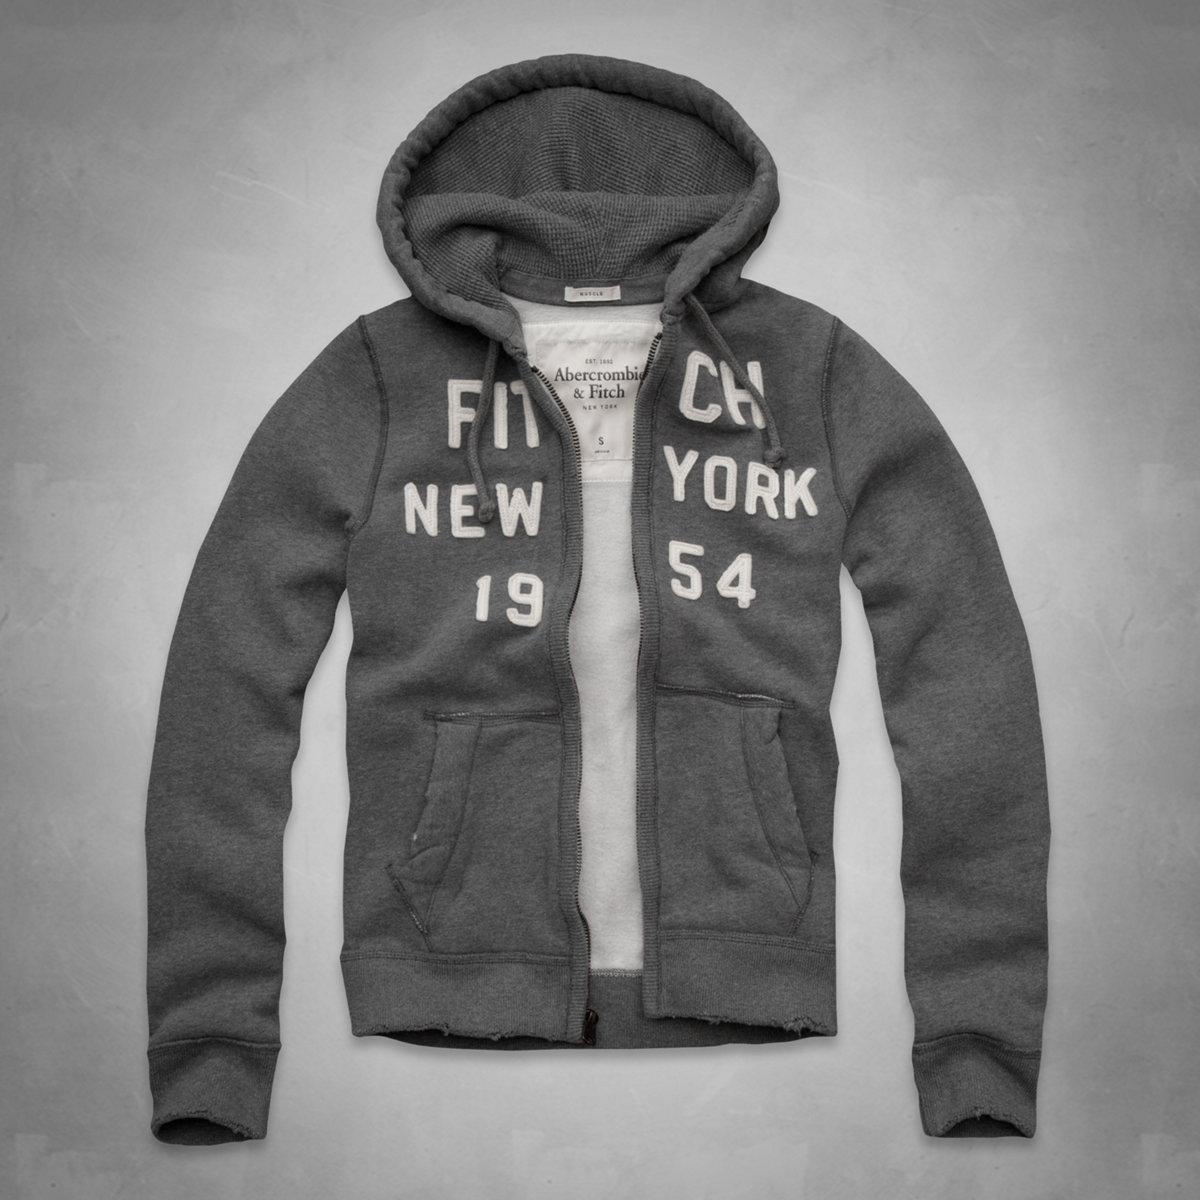 美國百分百【Abercrombie & Fitch】外套 AF 連帽 長袖 夾克 麋鹿 NY 灰色 特價 S M L號 F664